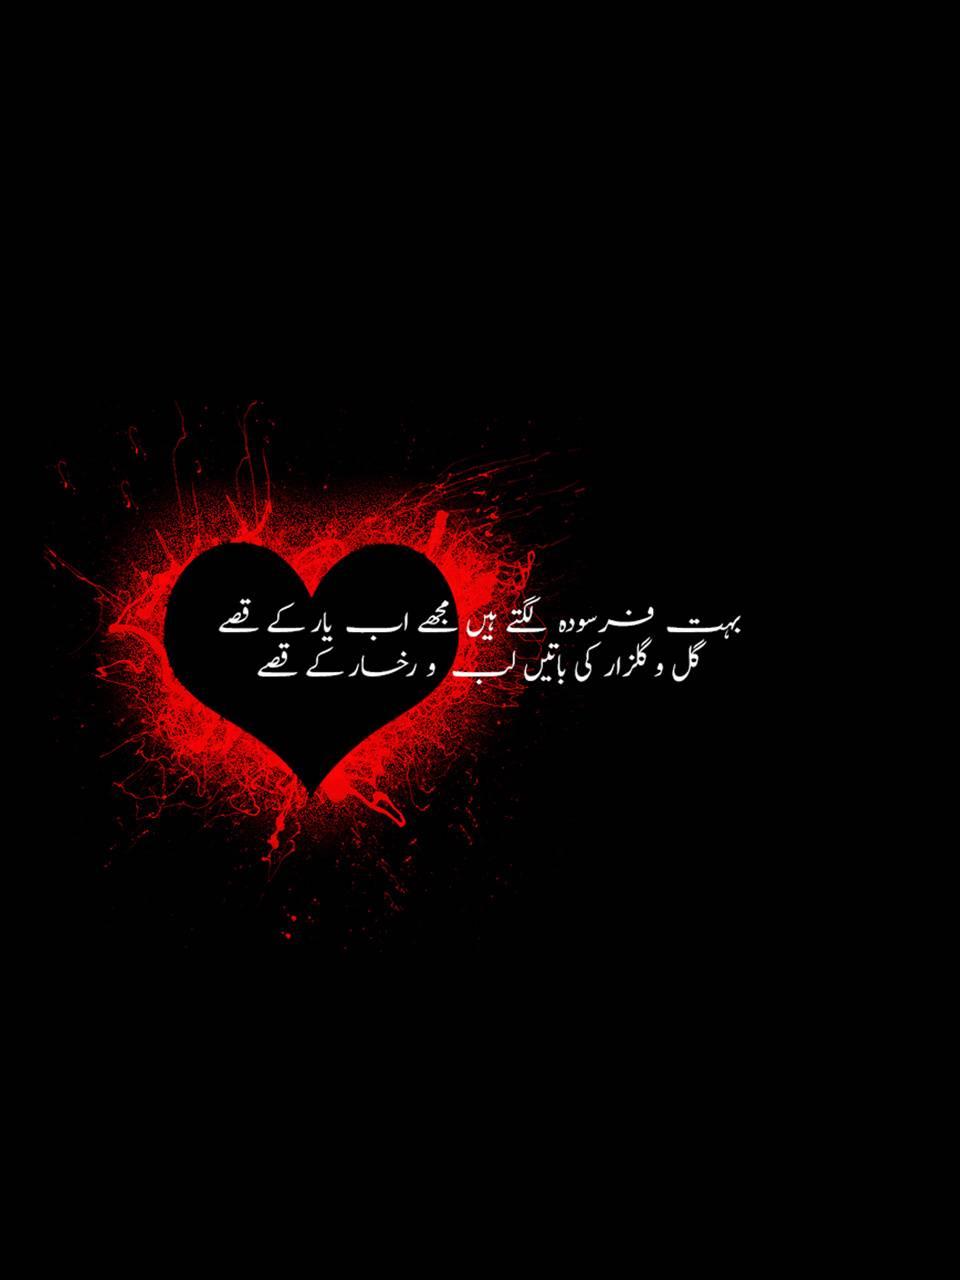 Urdu Poetry 2018 New